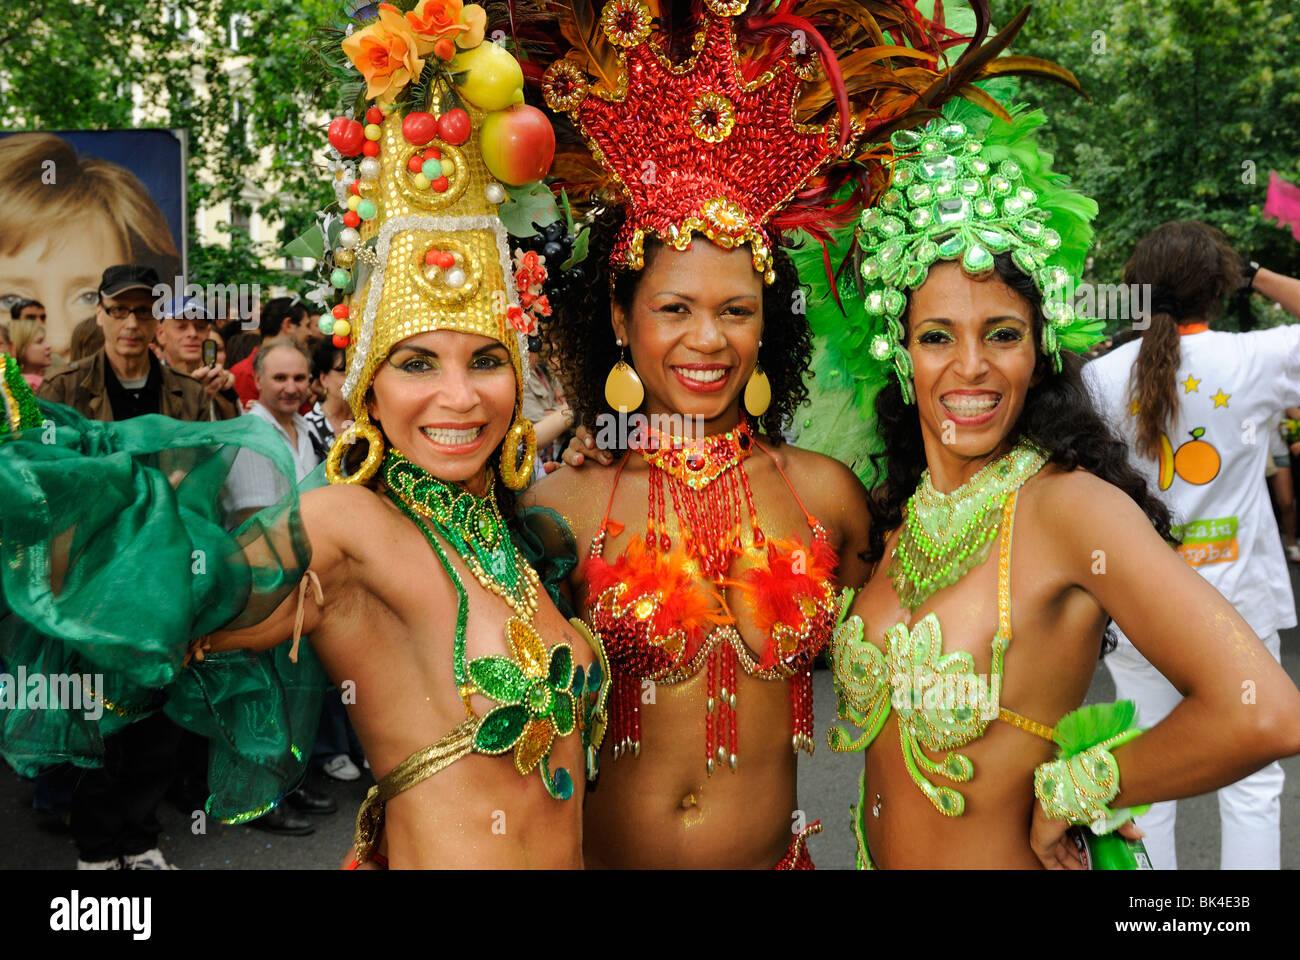 Tres bailarines de samba brasileña en el Karneval der Kulturen, el Carnaval de las Culturas, distrito Kreuzberg Imagen De Stock